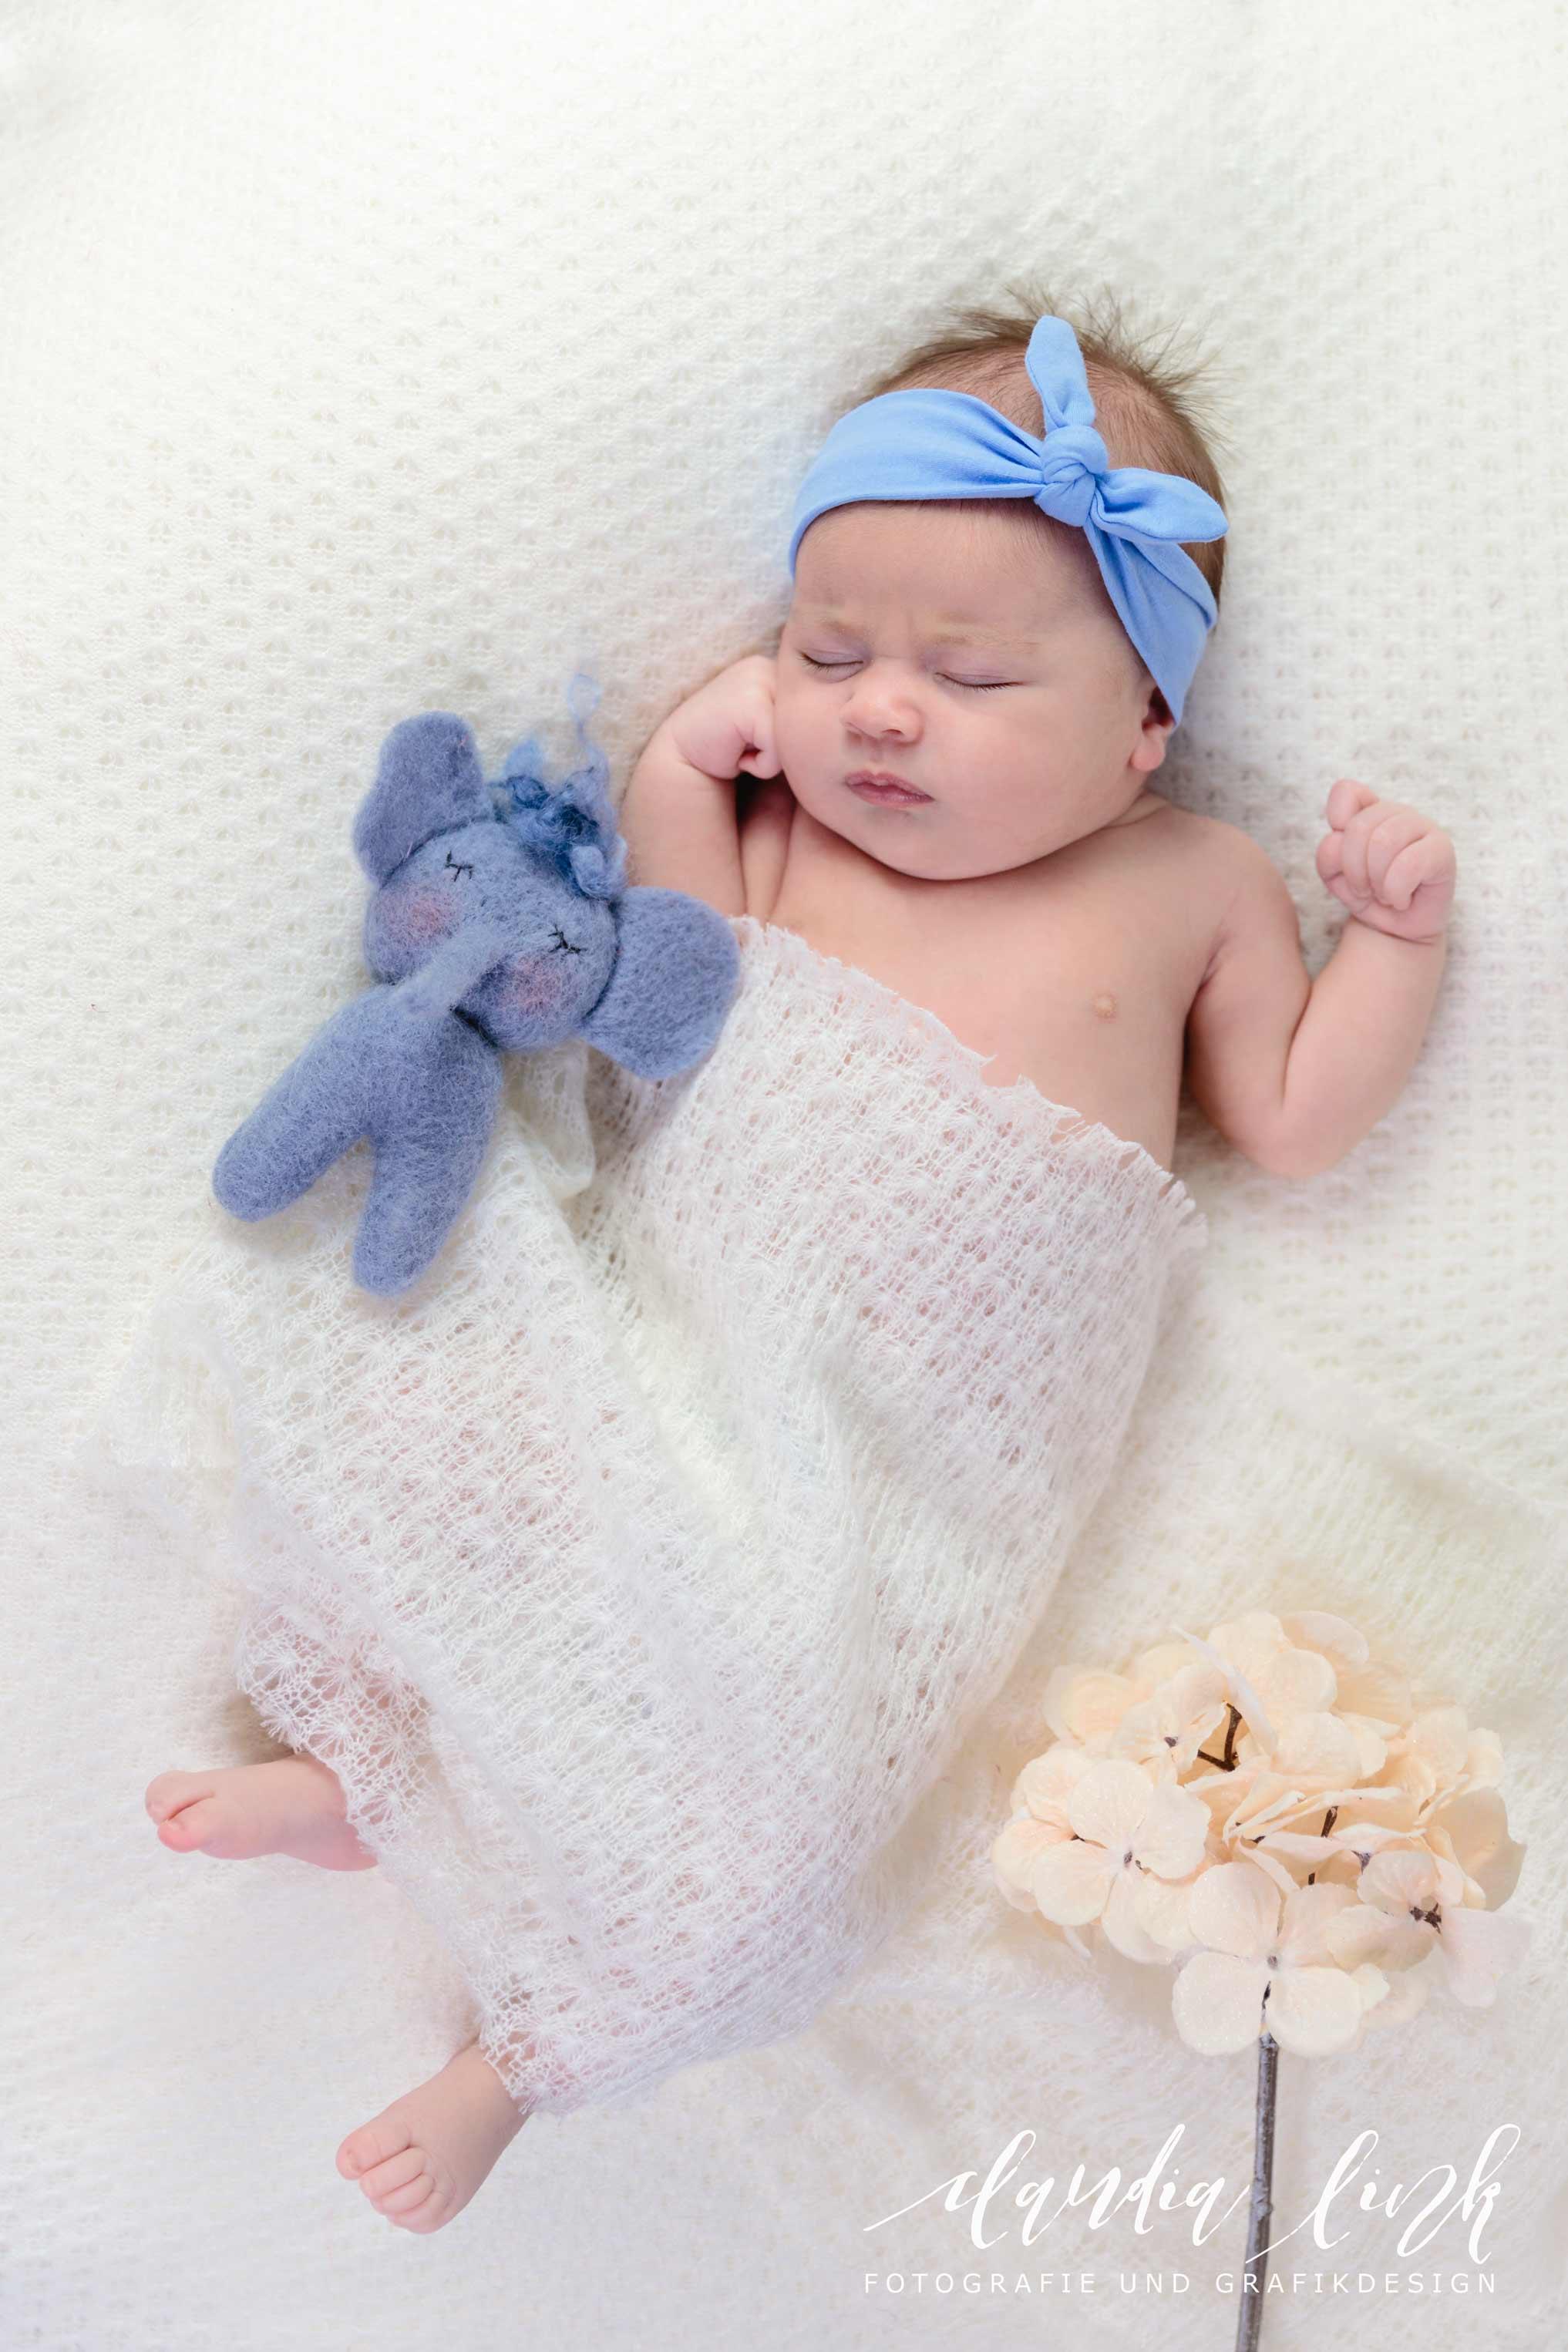 Kreative Babyfotos mit weihnachtlichen Accessoires IMG 5475web